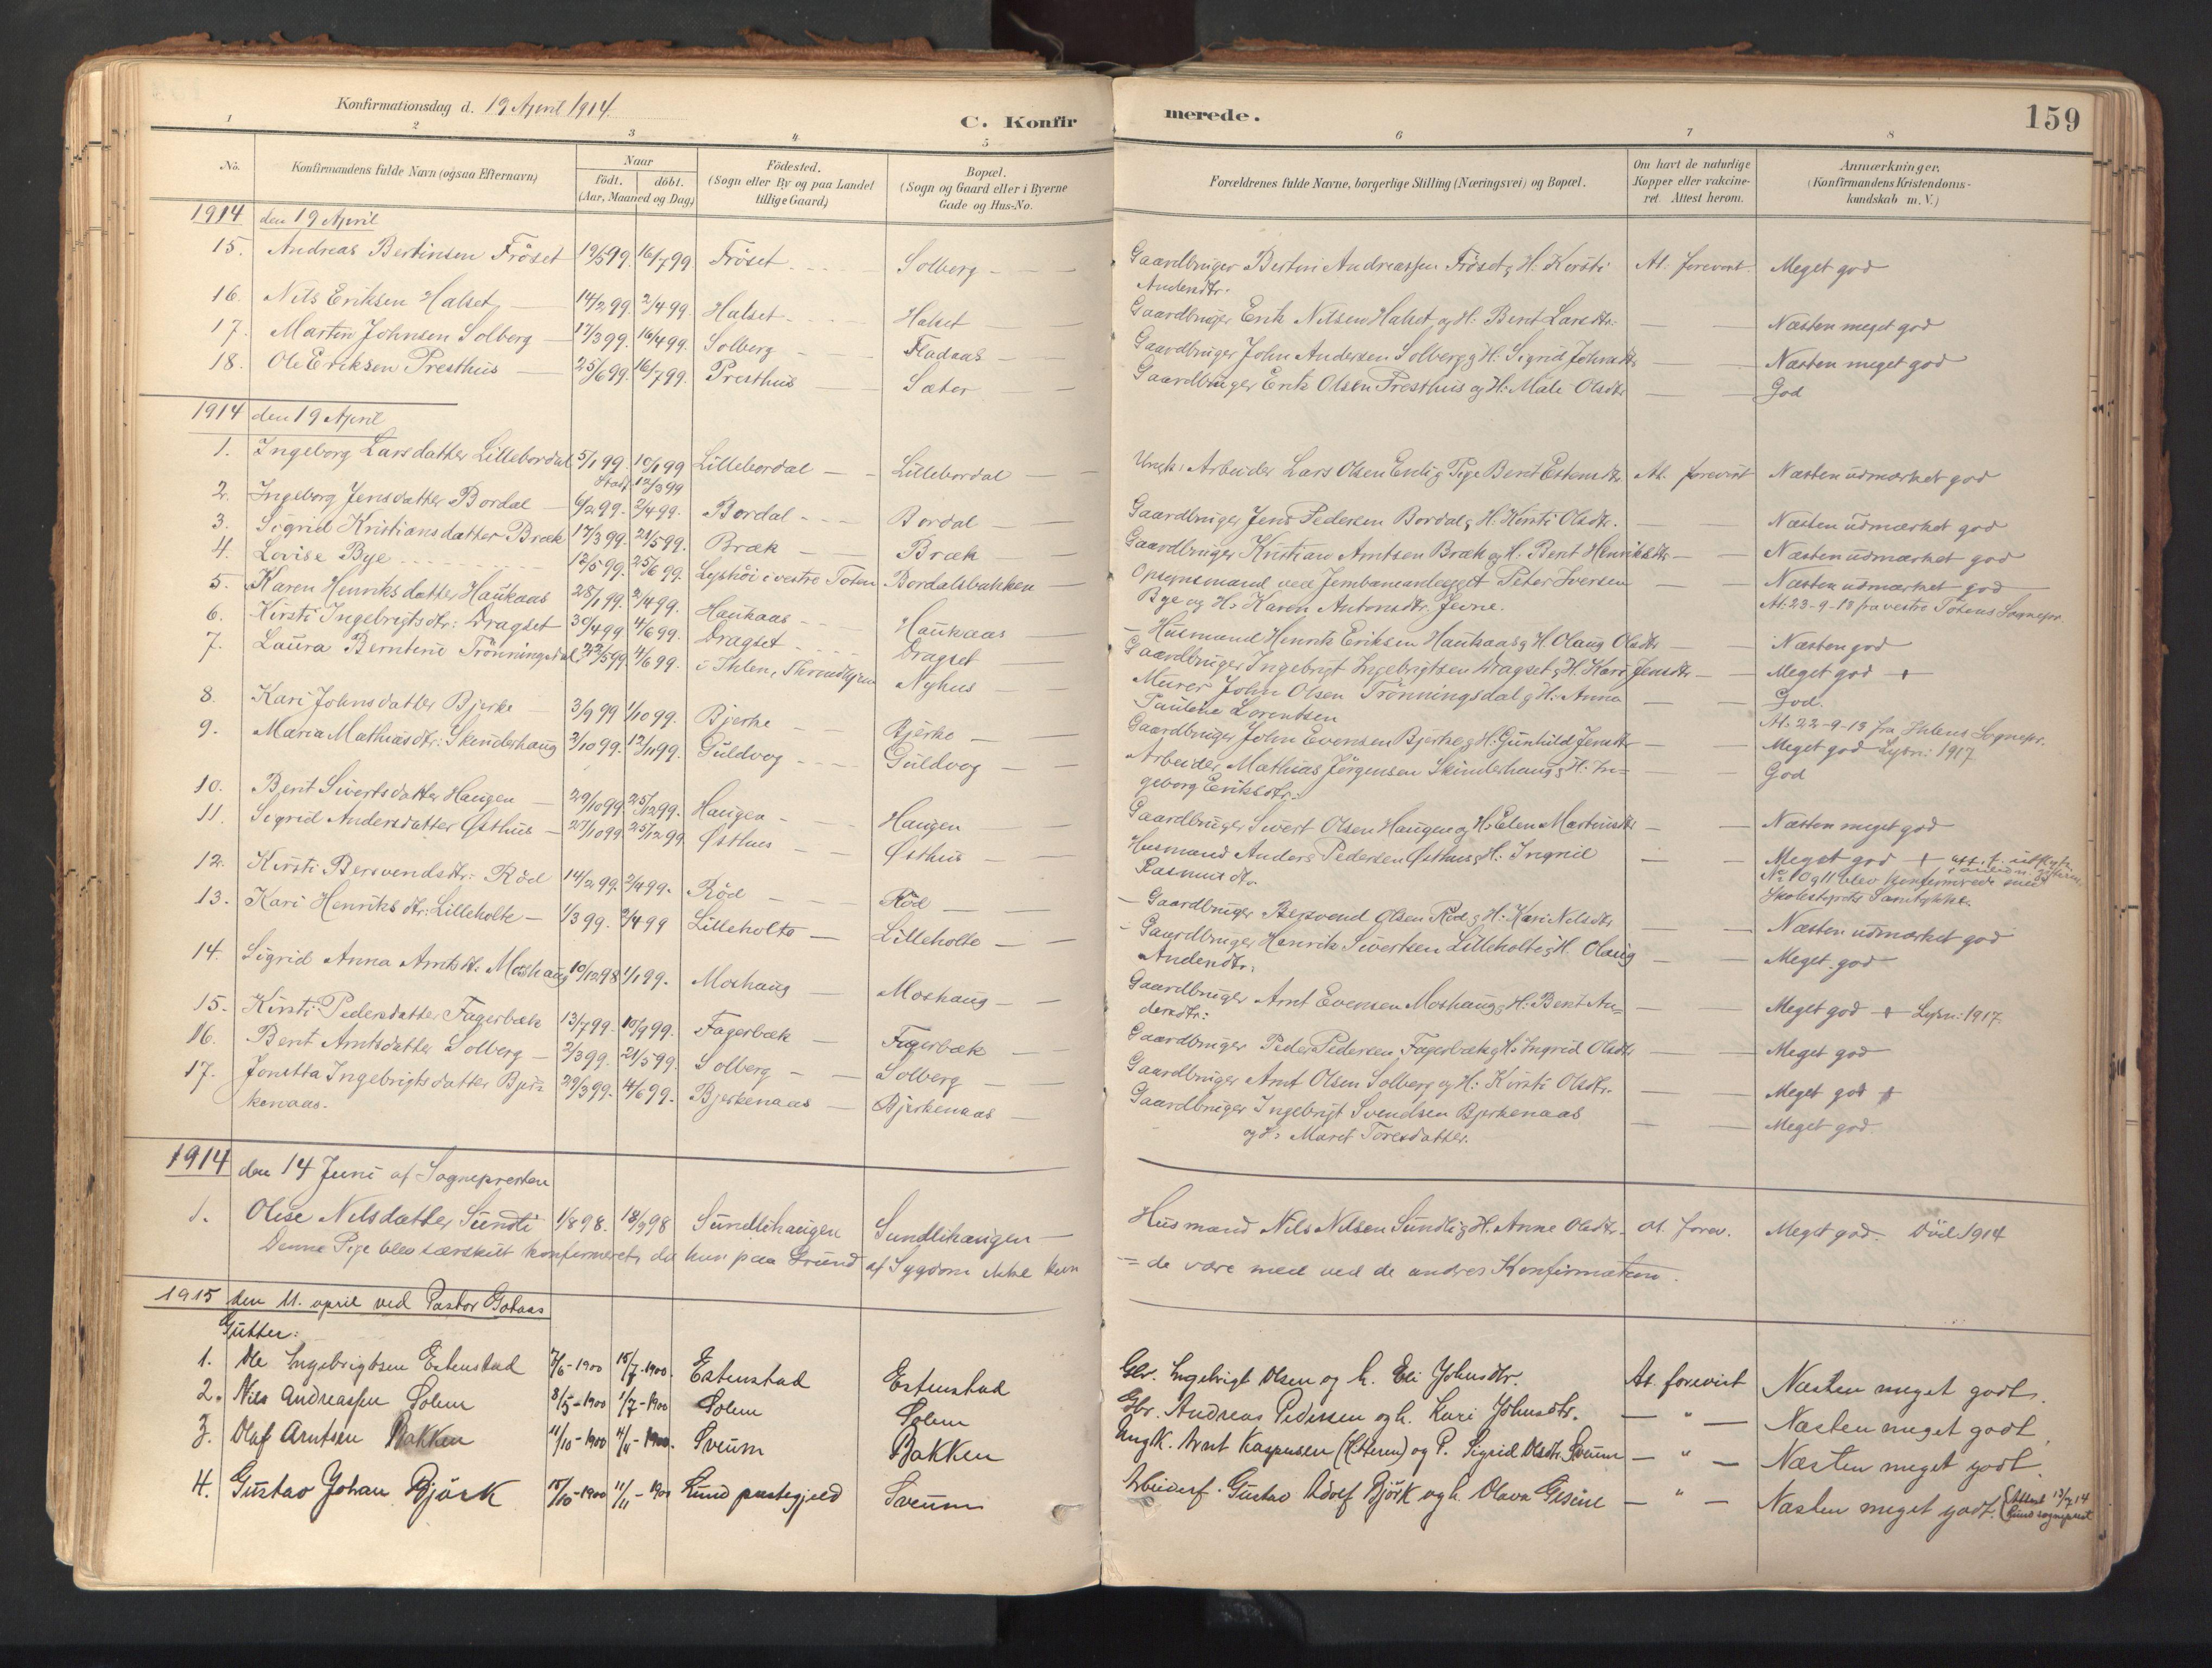 SAT, Ministerialprotokoller, klokkerbøker og fødselsregistre - Sør-Trøndelag, 689/L1041: Ministerialbok nr. 689A06, 1891-1923, s. 159